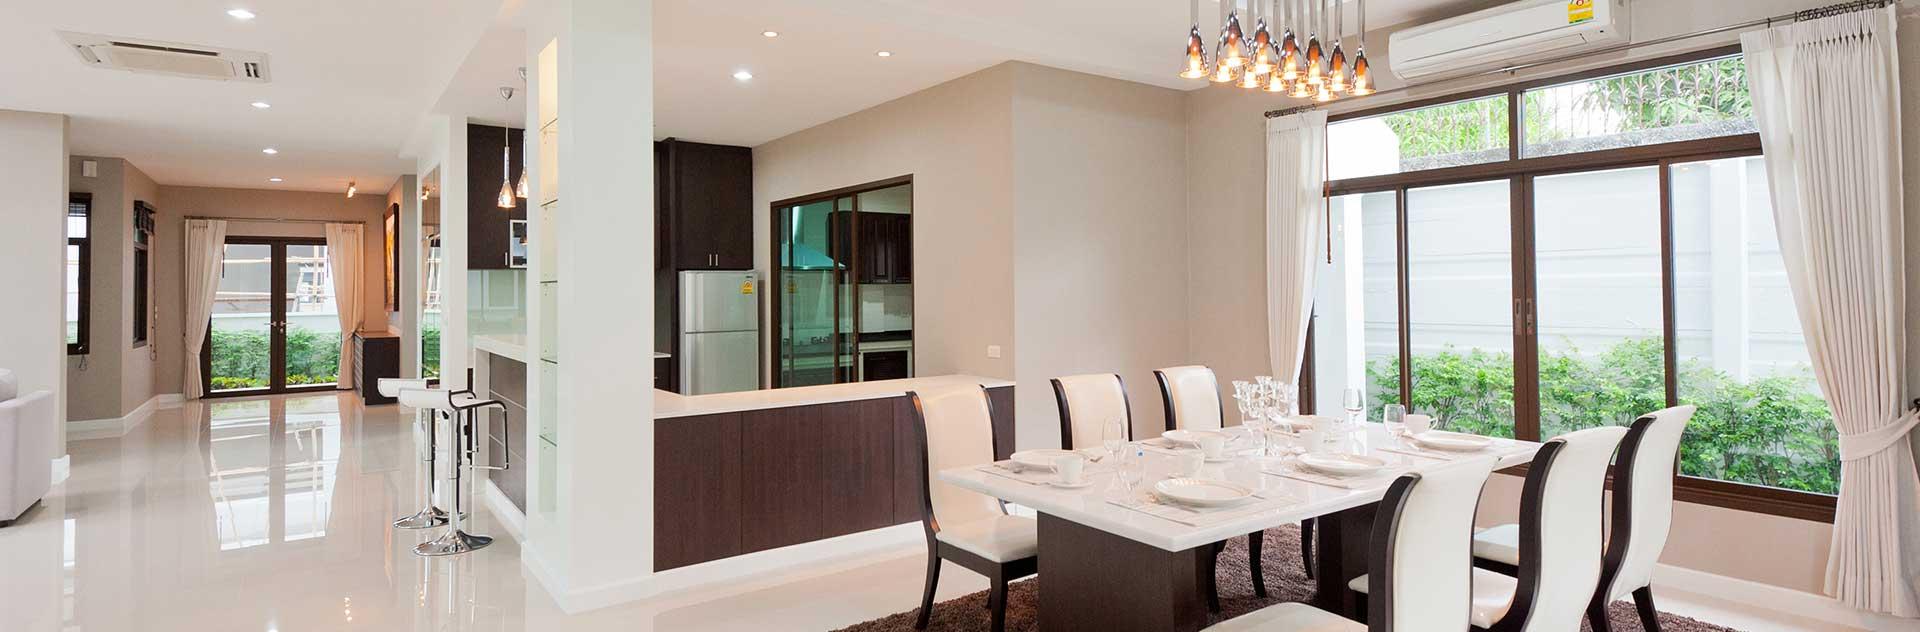 inmobiliaria en torrevieja y orihuela costa pisos venta